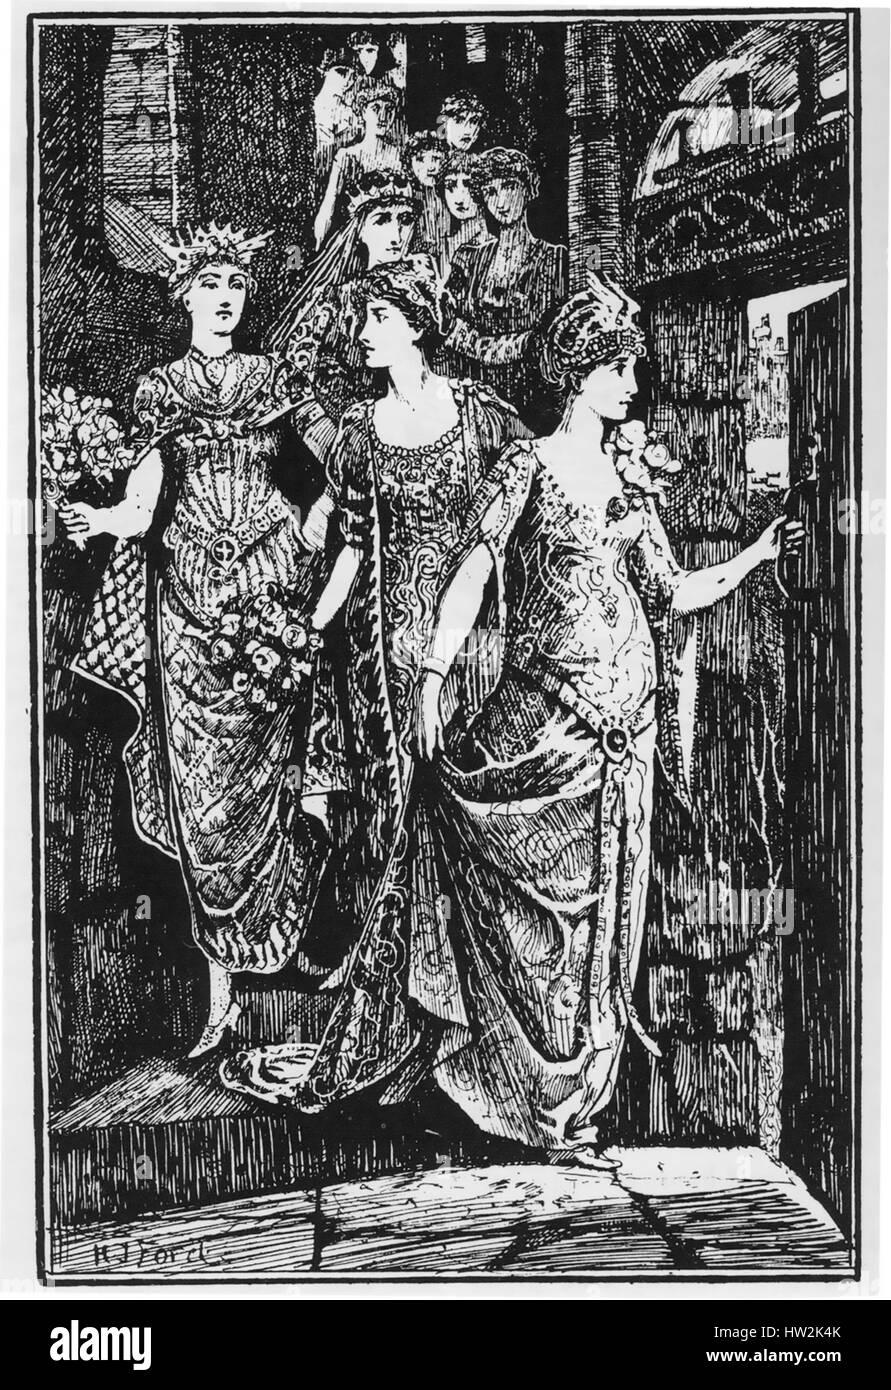 Les Douze Dancing Princesses. Conte recueilli par les frères Grimm. Illustration par H.J.Ford à partir Photo Stock